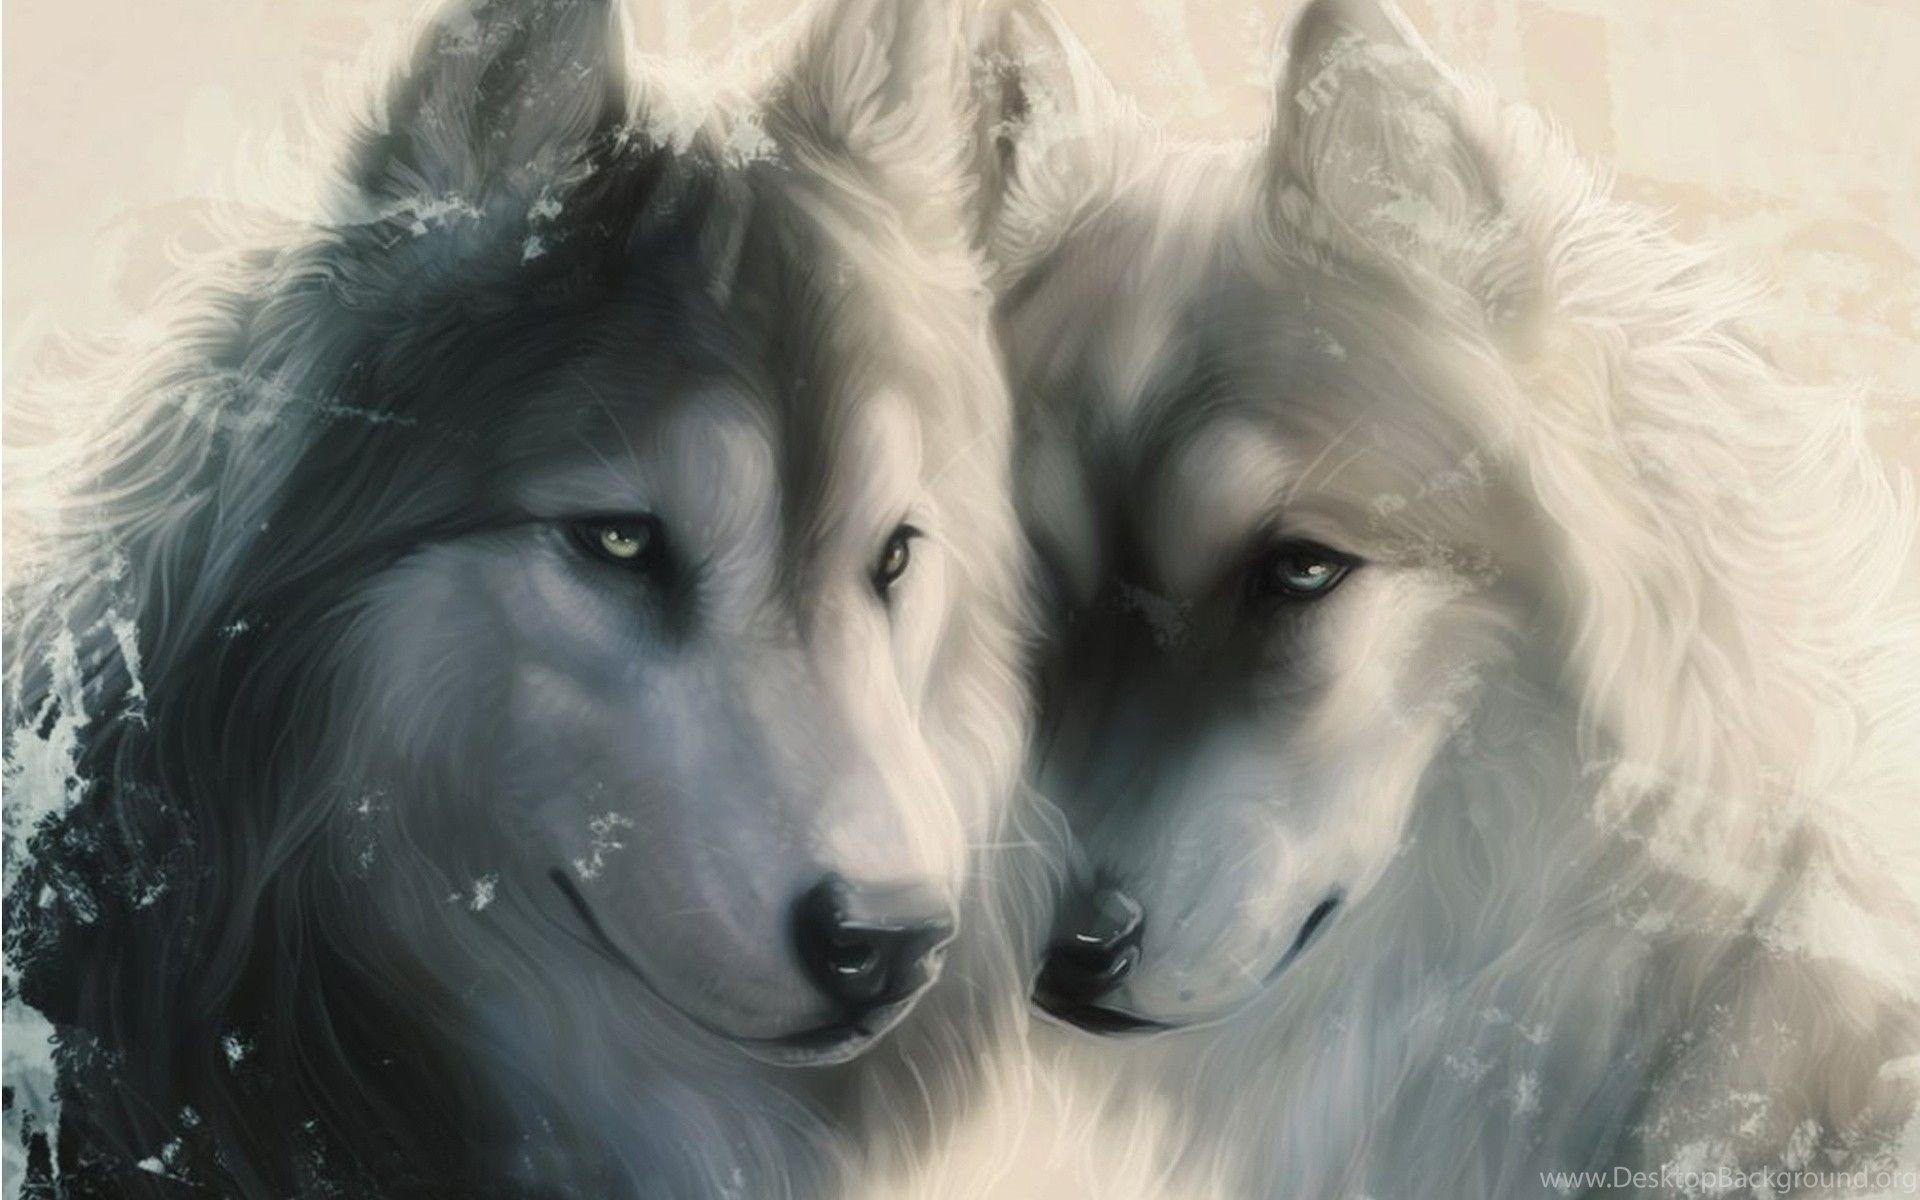 1920x1200 Hình nền, NGHỆ THUẬT, chó sói, Đối mặt, Không gian, Những con sói, Yêu, Người ăn thịt 2009019